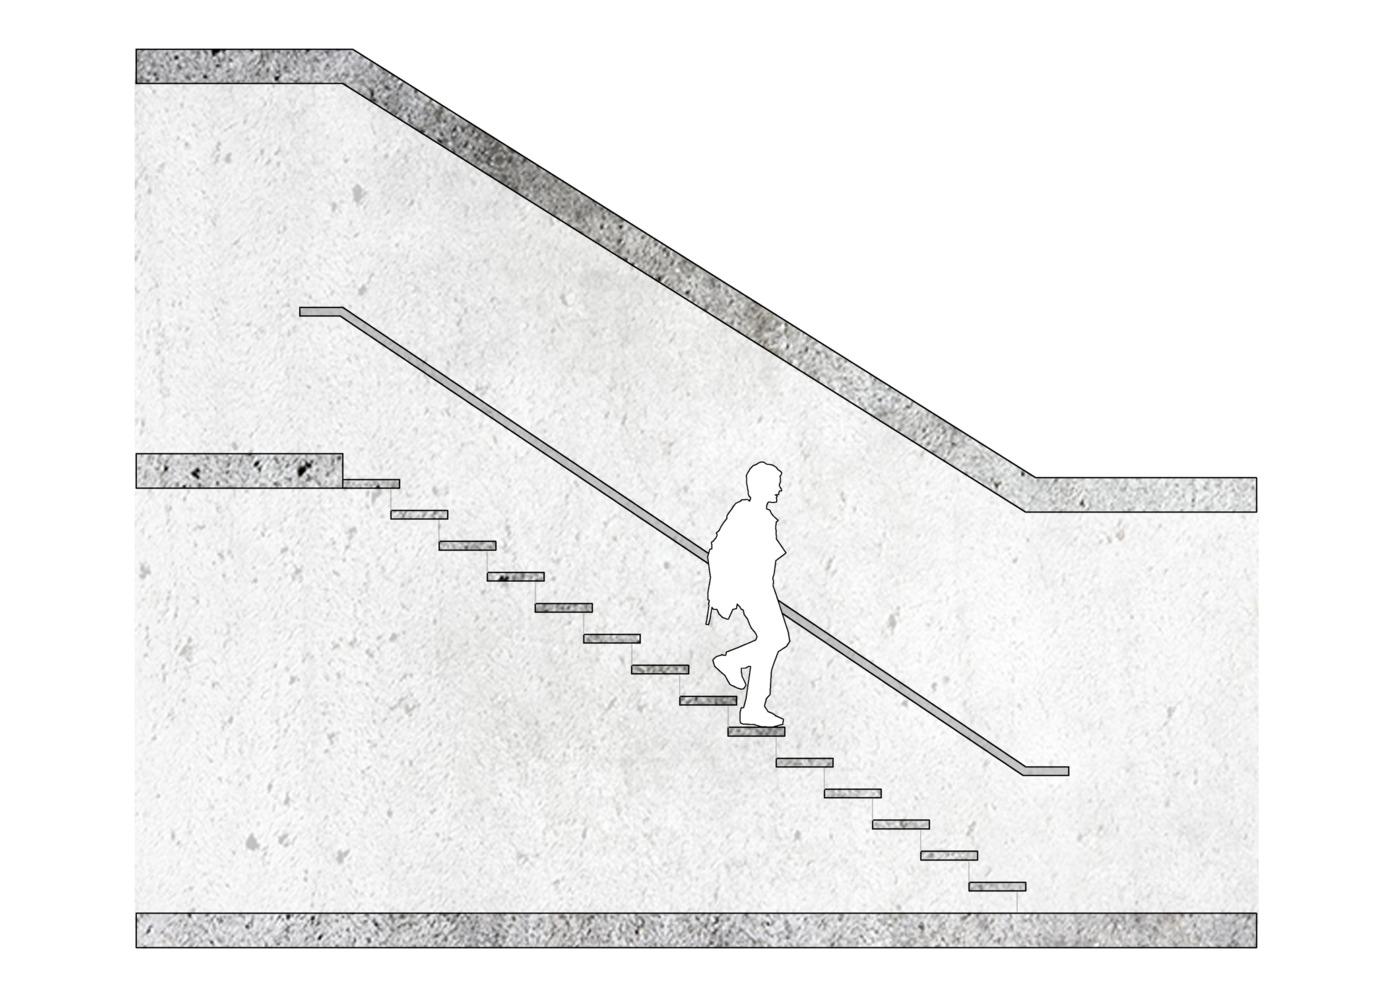 ¿Cómo diseñar y calcular una escalera?,Relación 28x18 cm / ejemplo esquemático. Image © José Tomás Franco